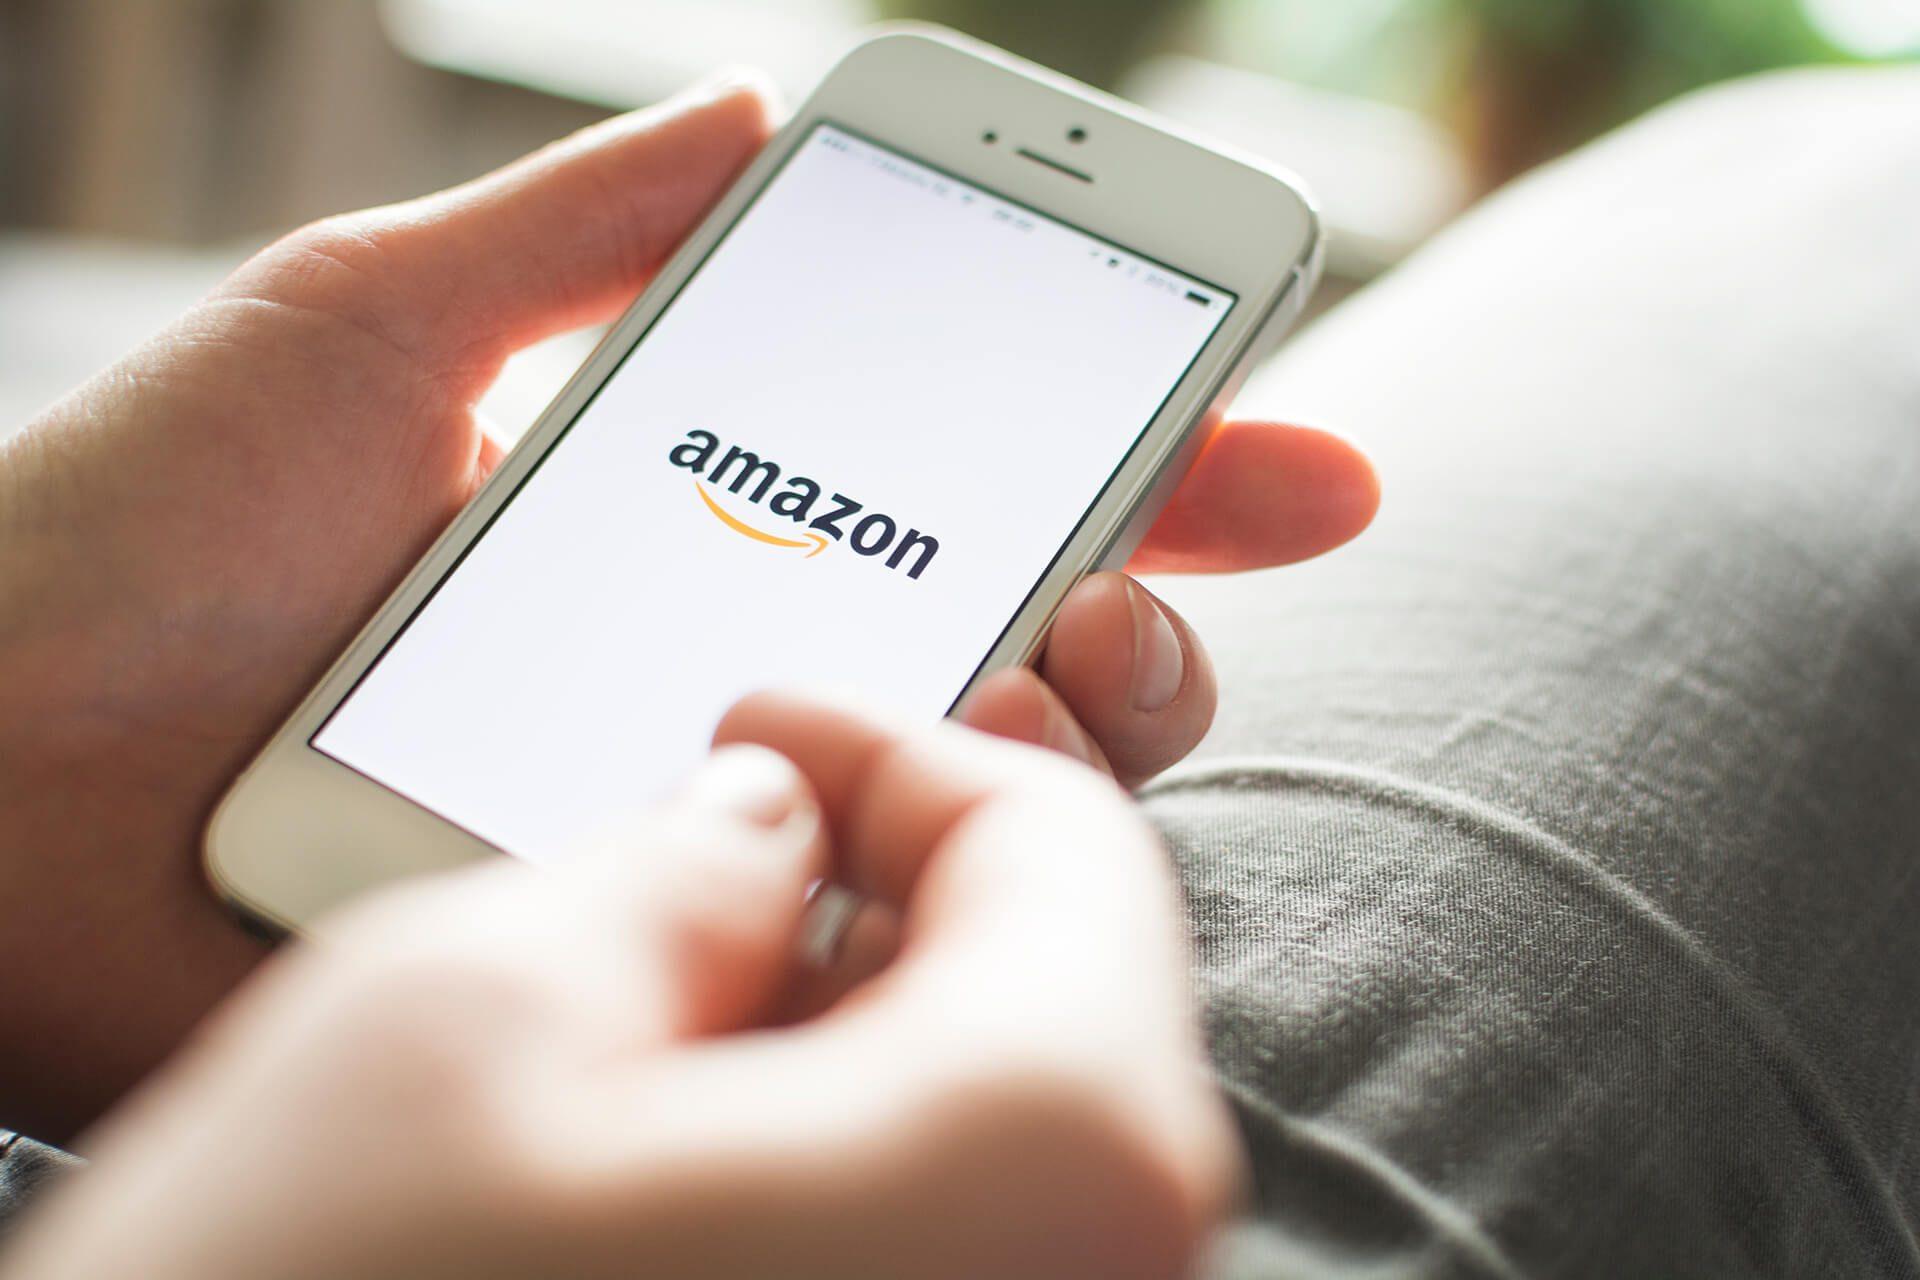 Ricerche pre-acquisto, Amazon batte Google